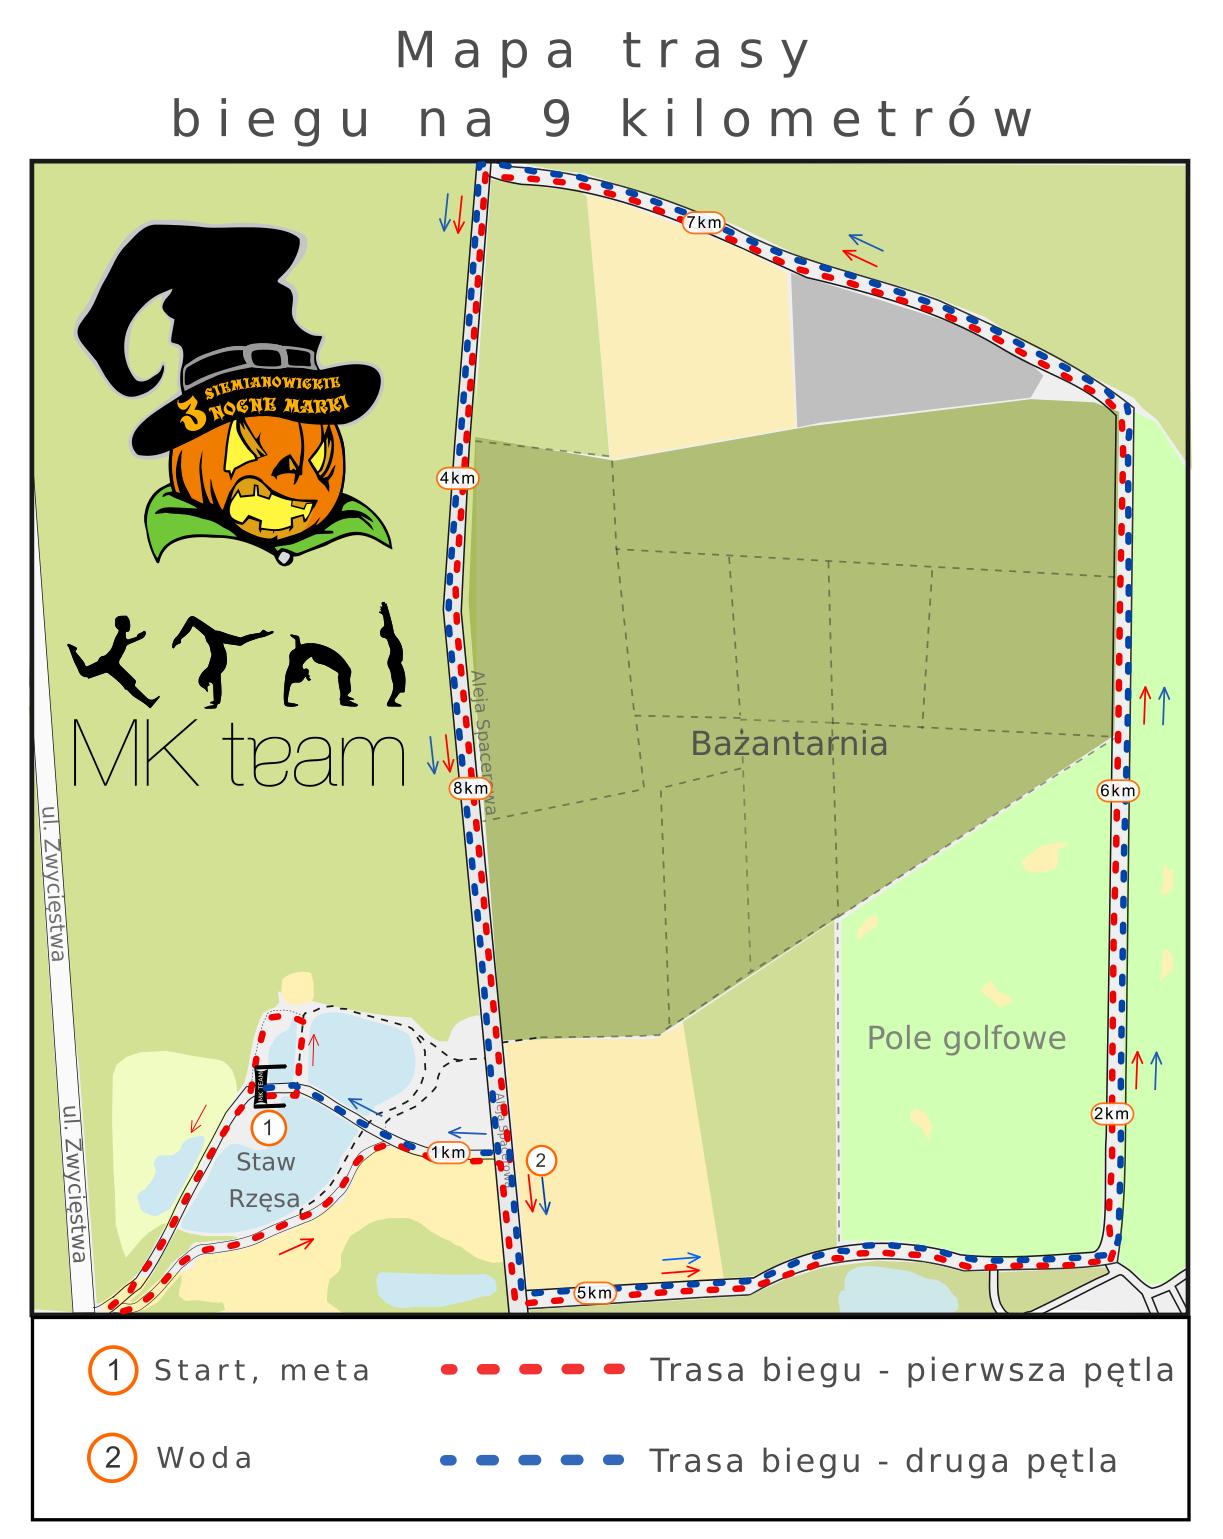 Trasa biegu 9 km